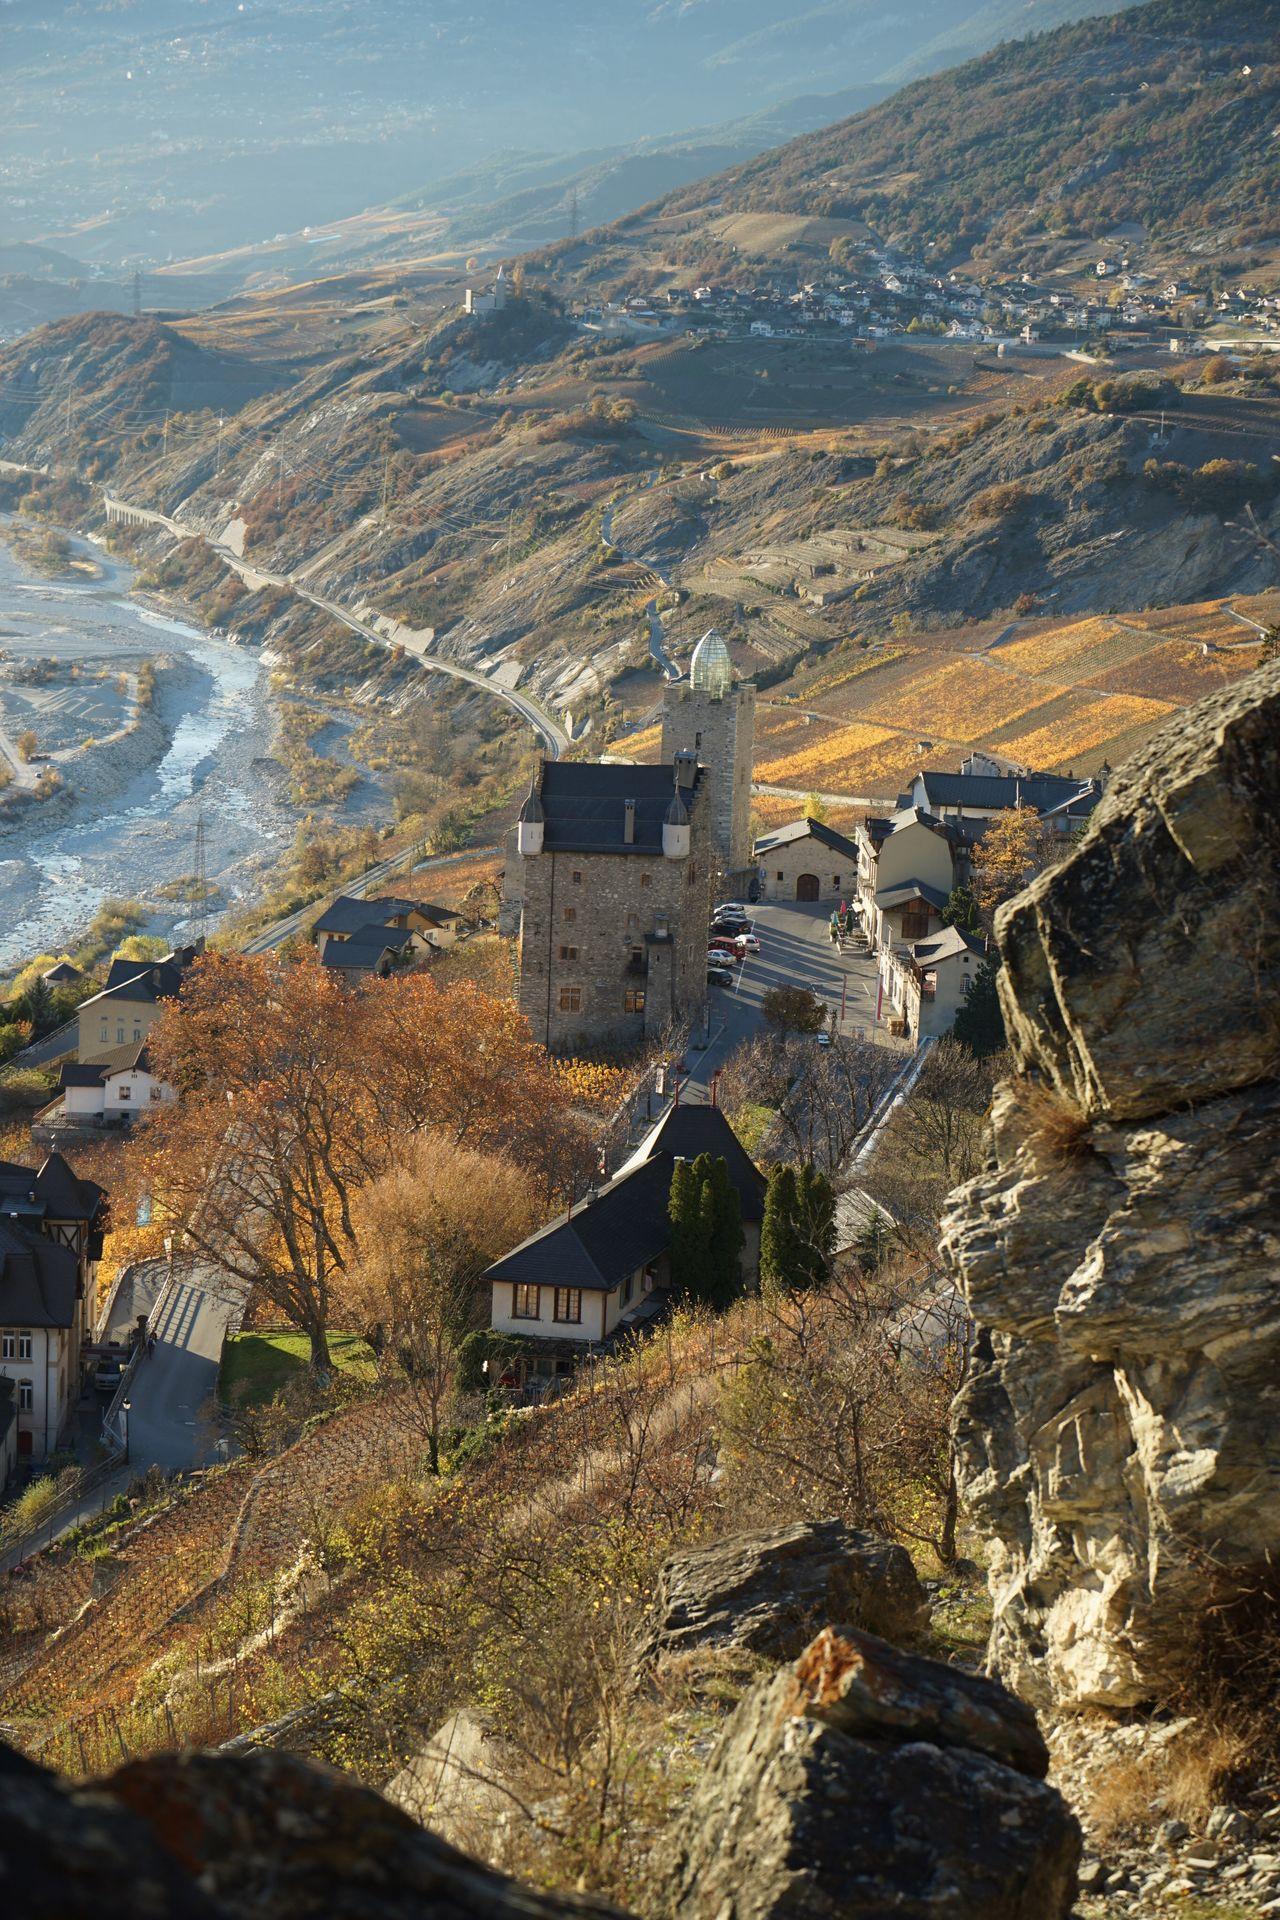 Architecture Leuk-Stadt Leuk Burg Castle Schloss Schweiz Switzerland Wallis Herbst Herbststimmung Berge Mountains